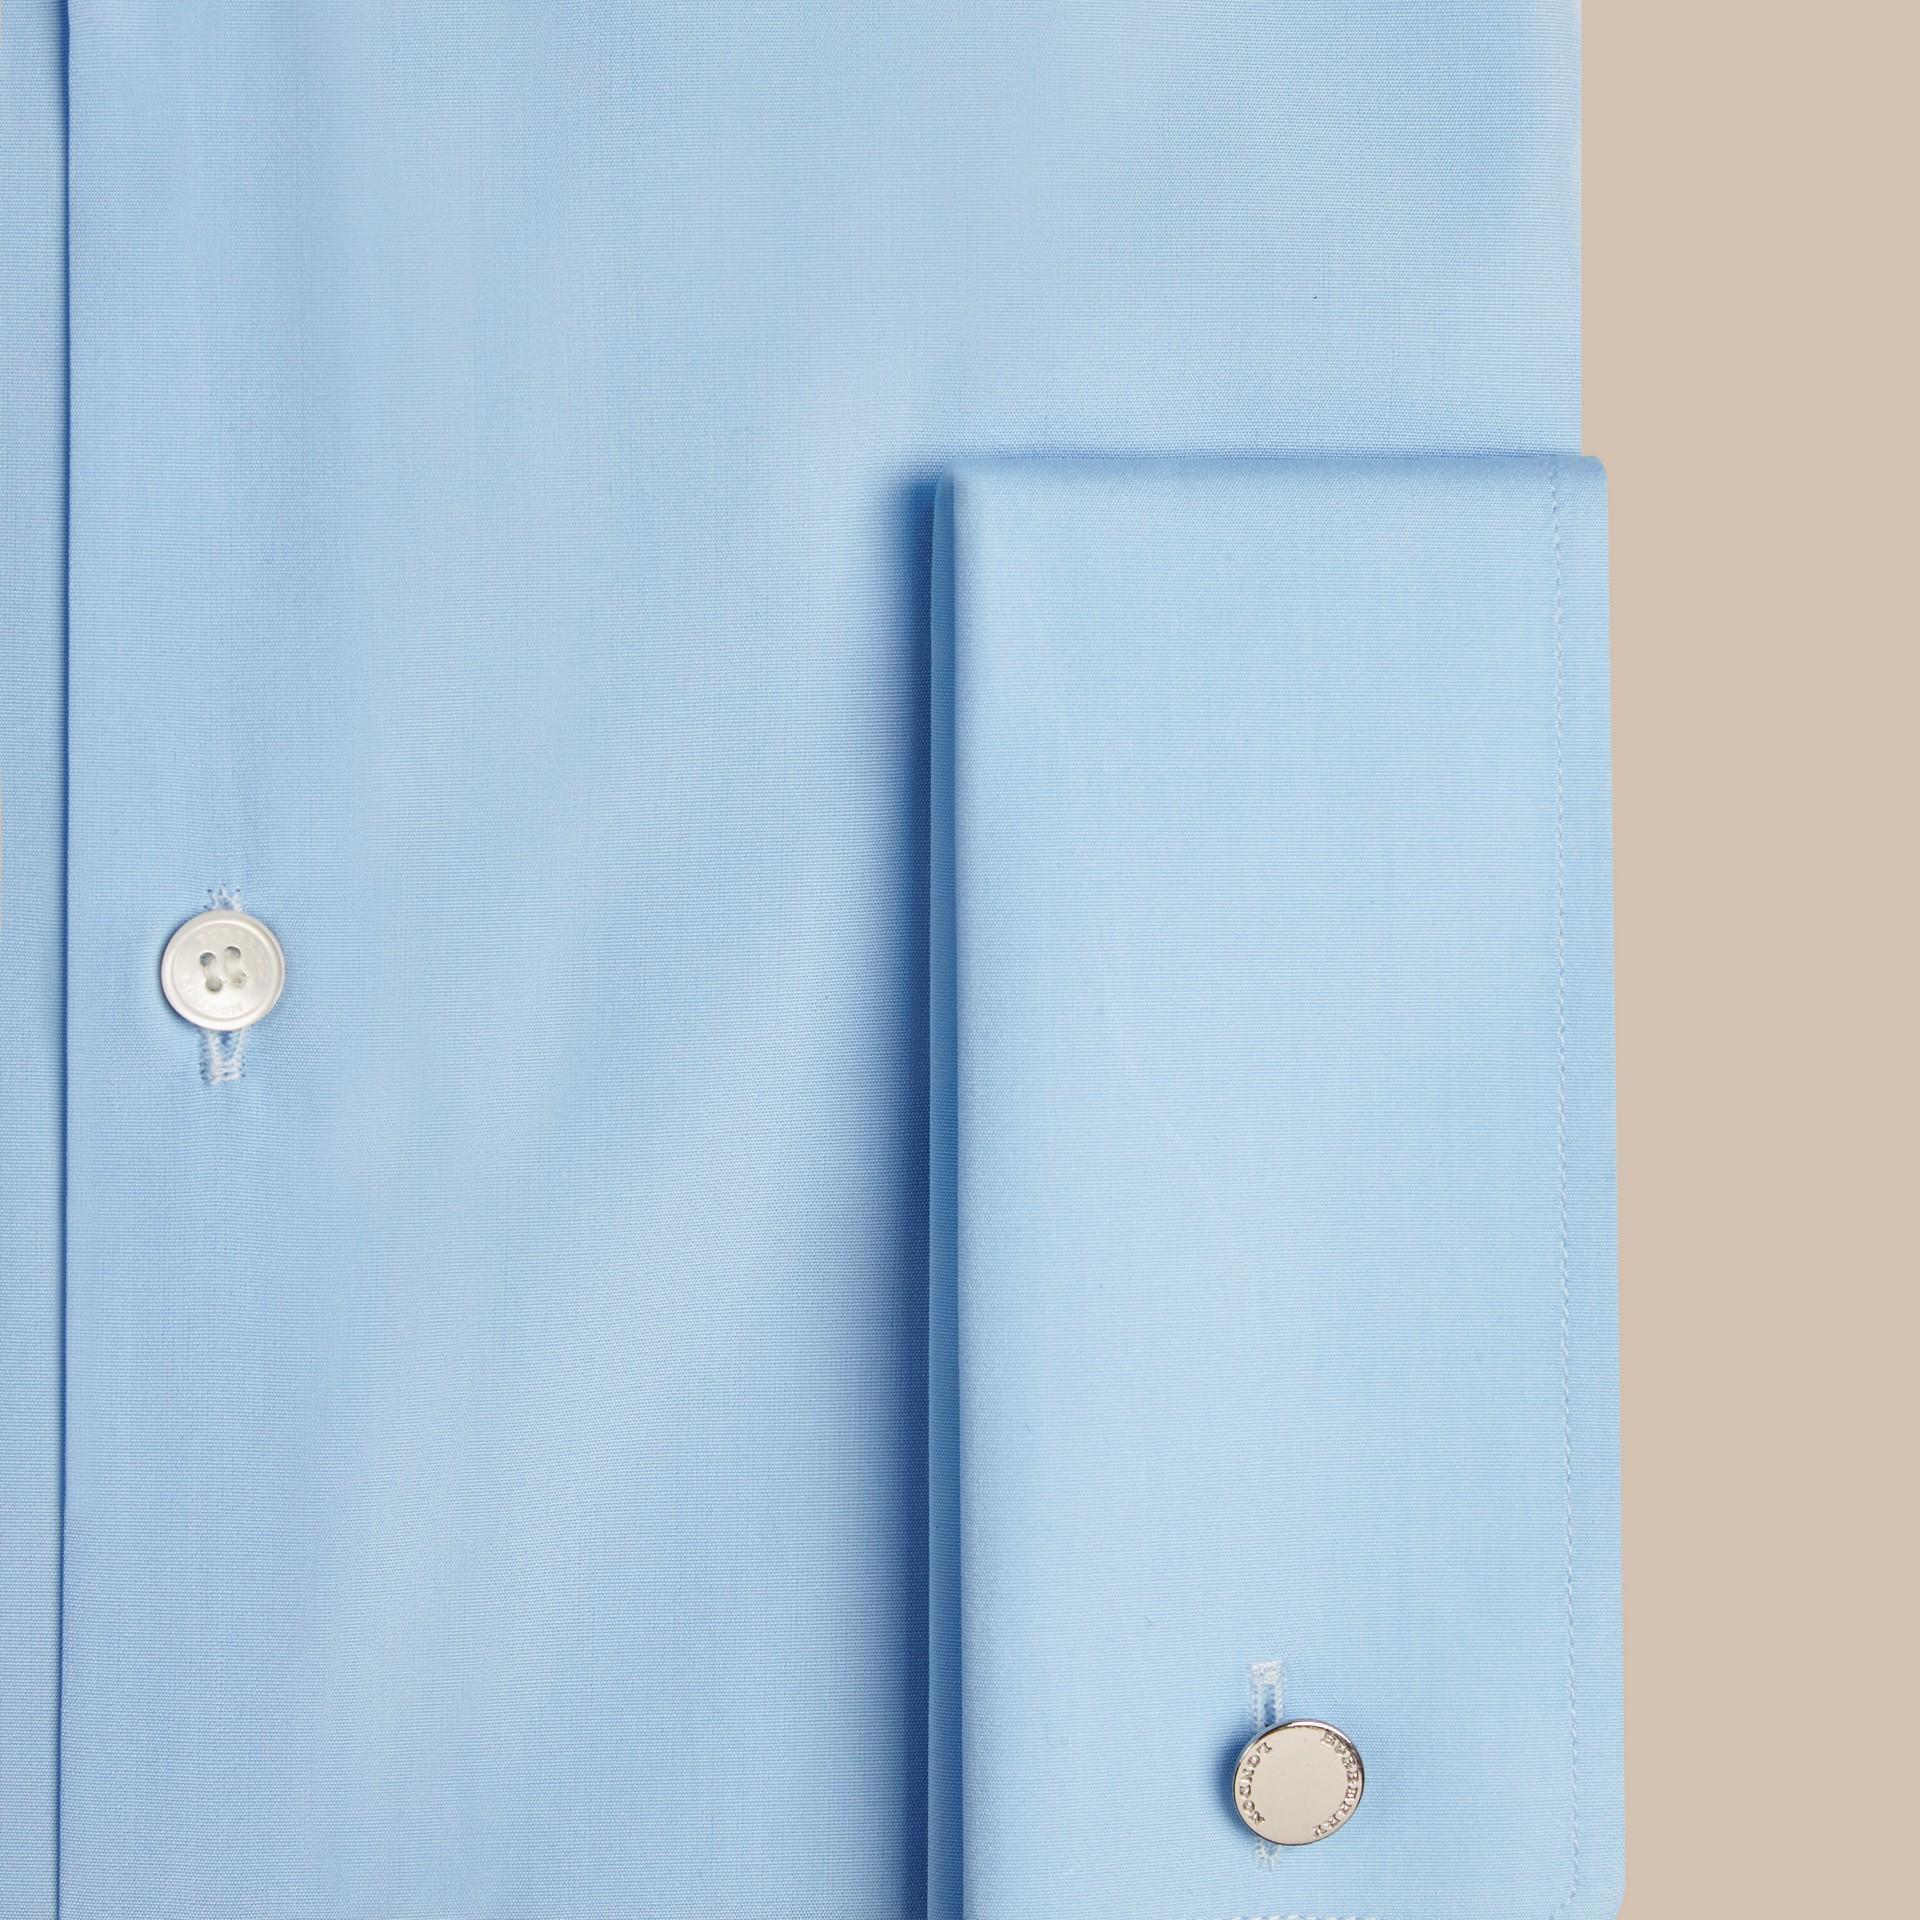 Azul urbano Camisa de popeline de algodão com corte moderno e punhos duplos Azul Urbano - galeria de imagens 2